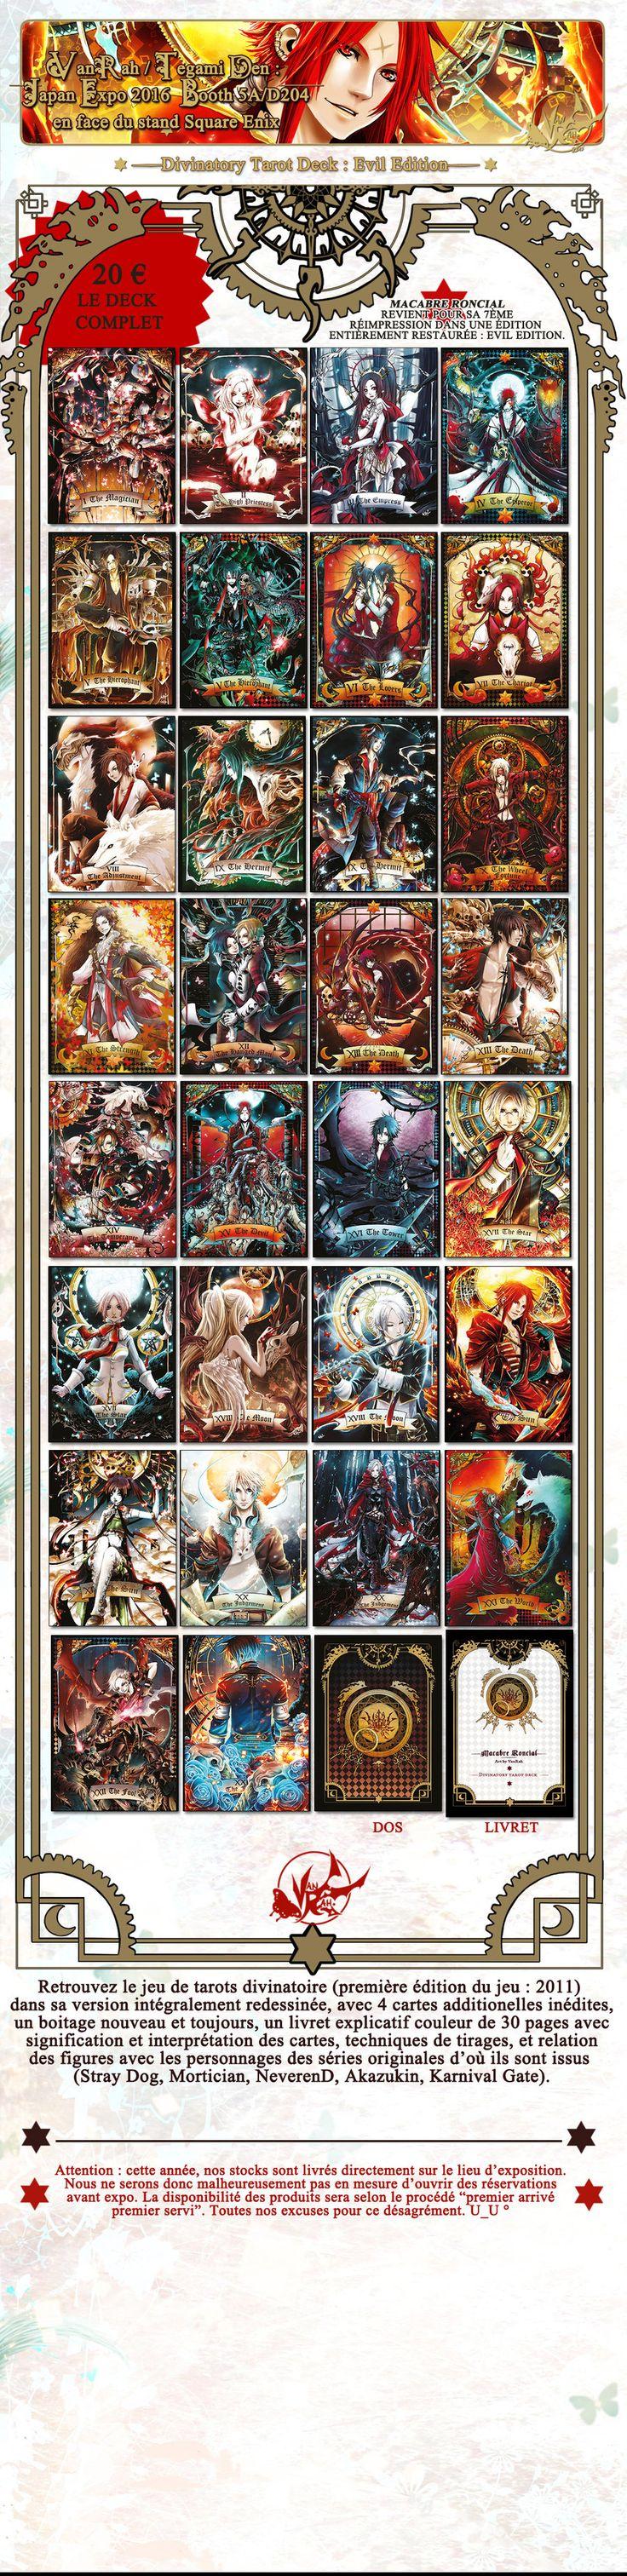 11++ Anime based on tarot cards ideas